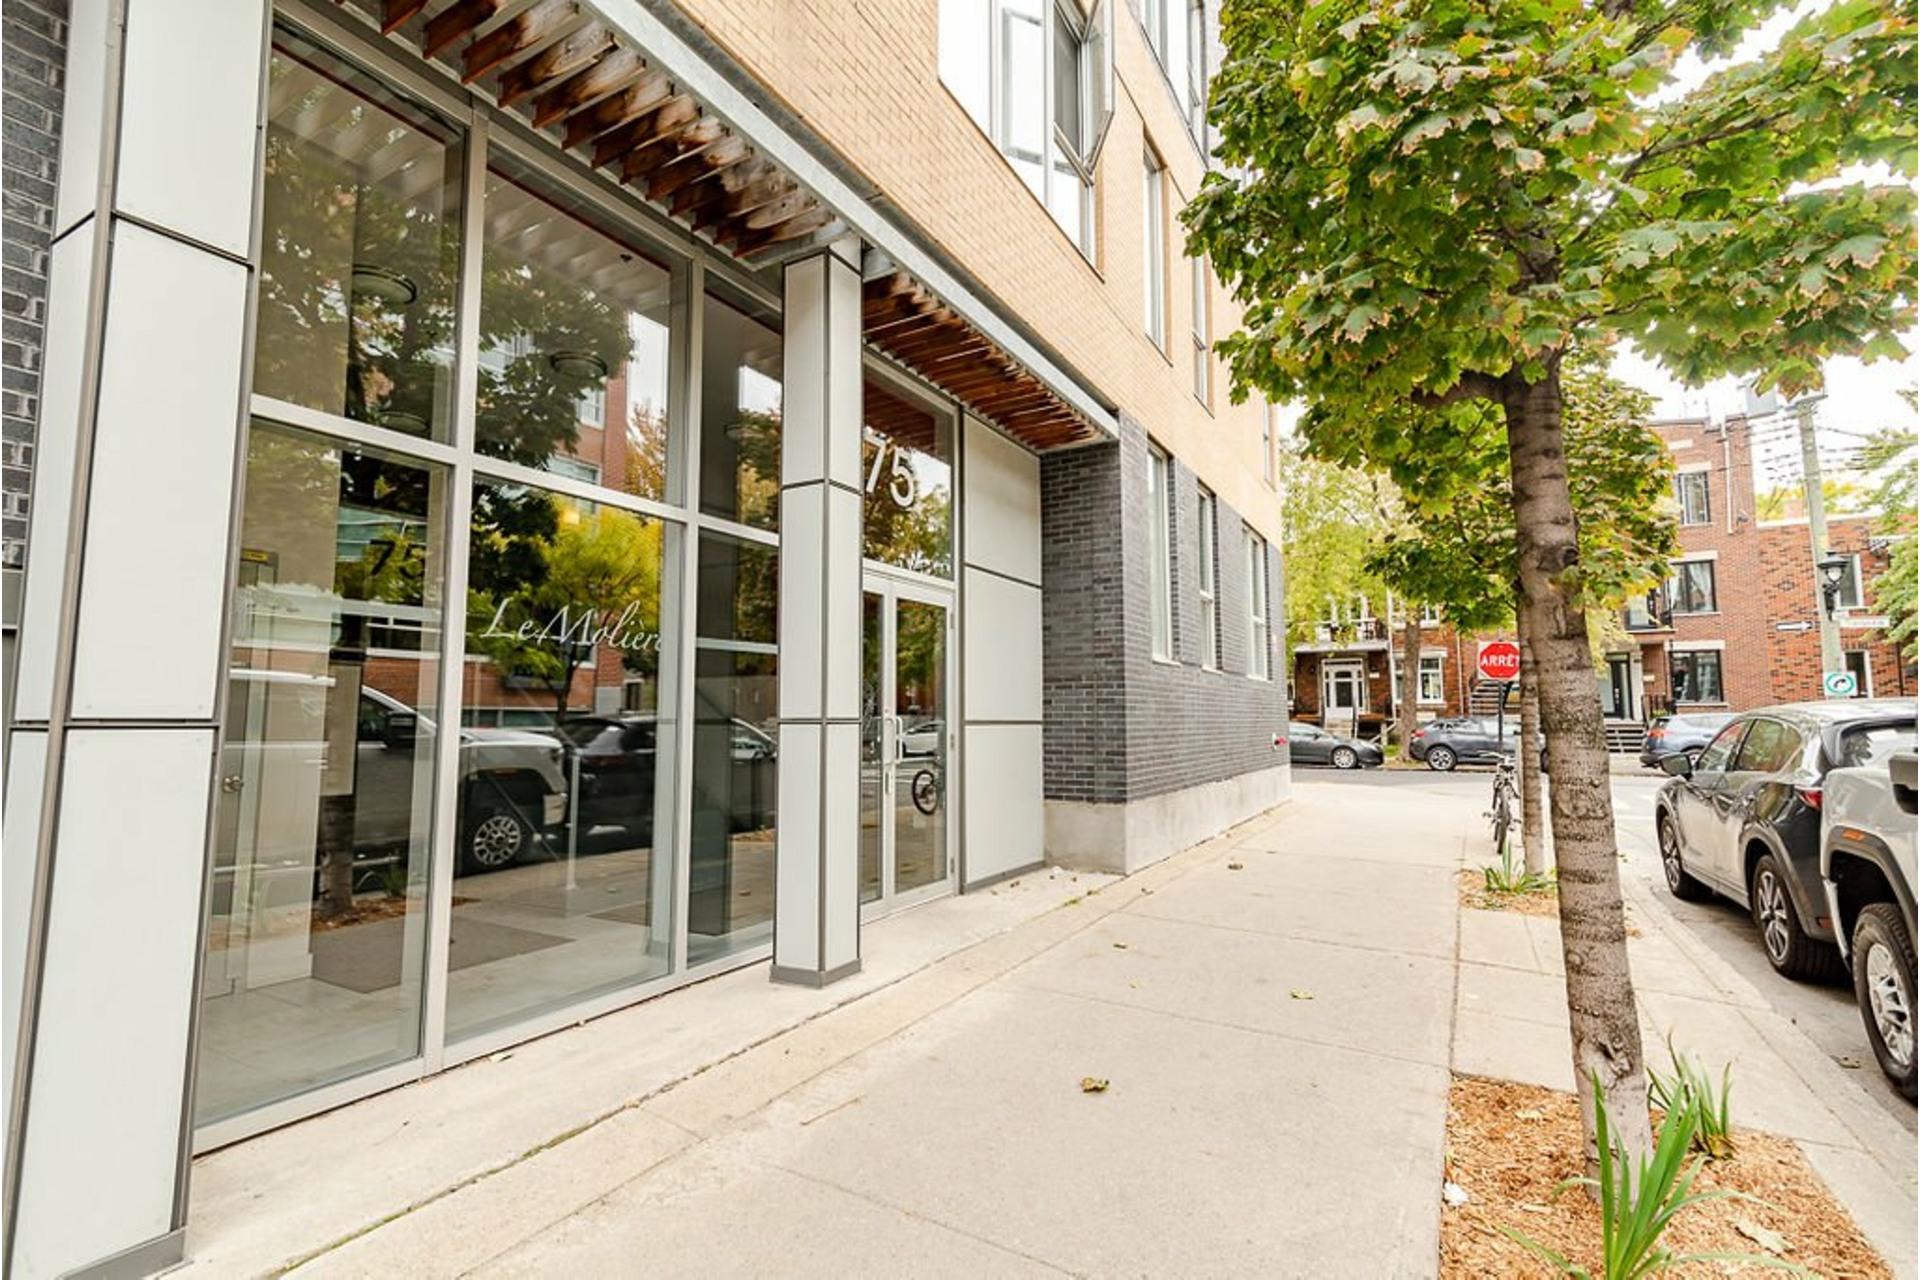 image 34 - Appartement À vendre Villeray/Saint-Michel/Parc-Extension Montréal  - 6 pièces